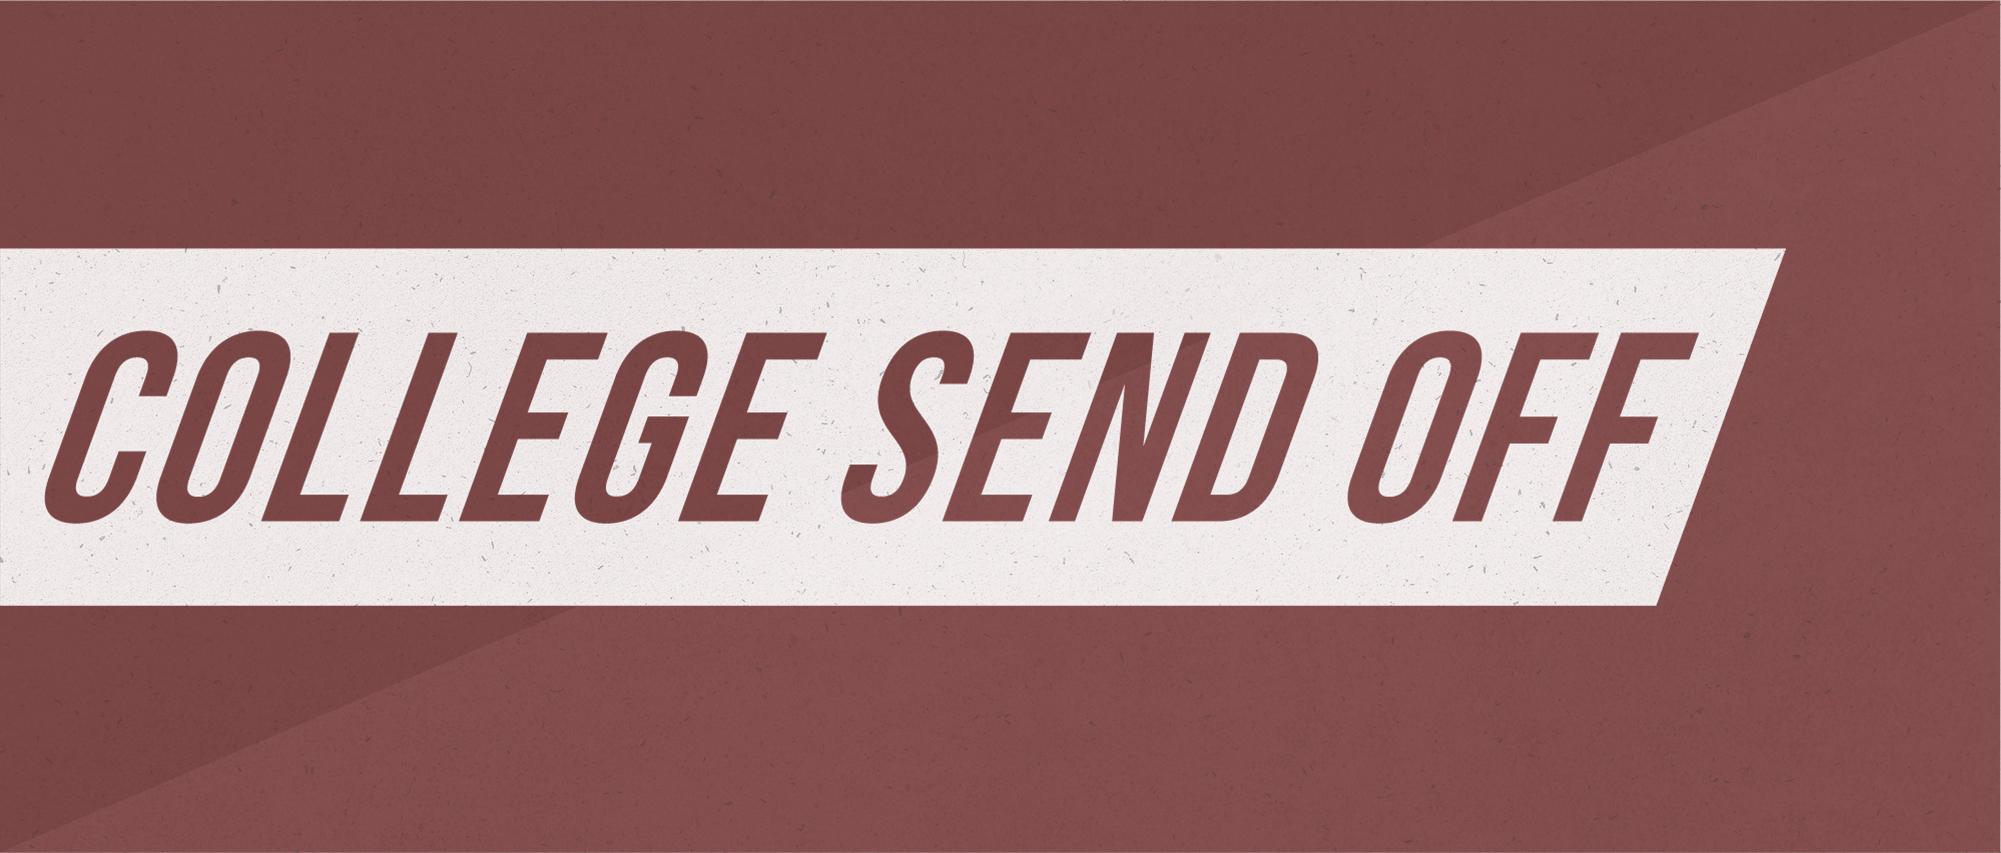 CollegeSendOff_Web - Garrison Weiner.jpg